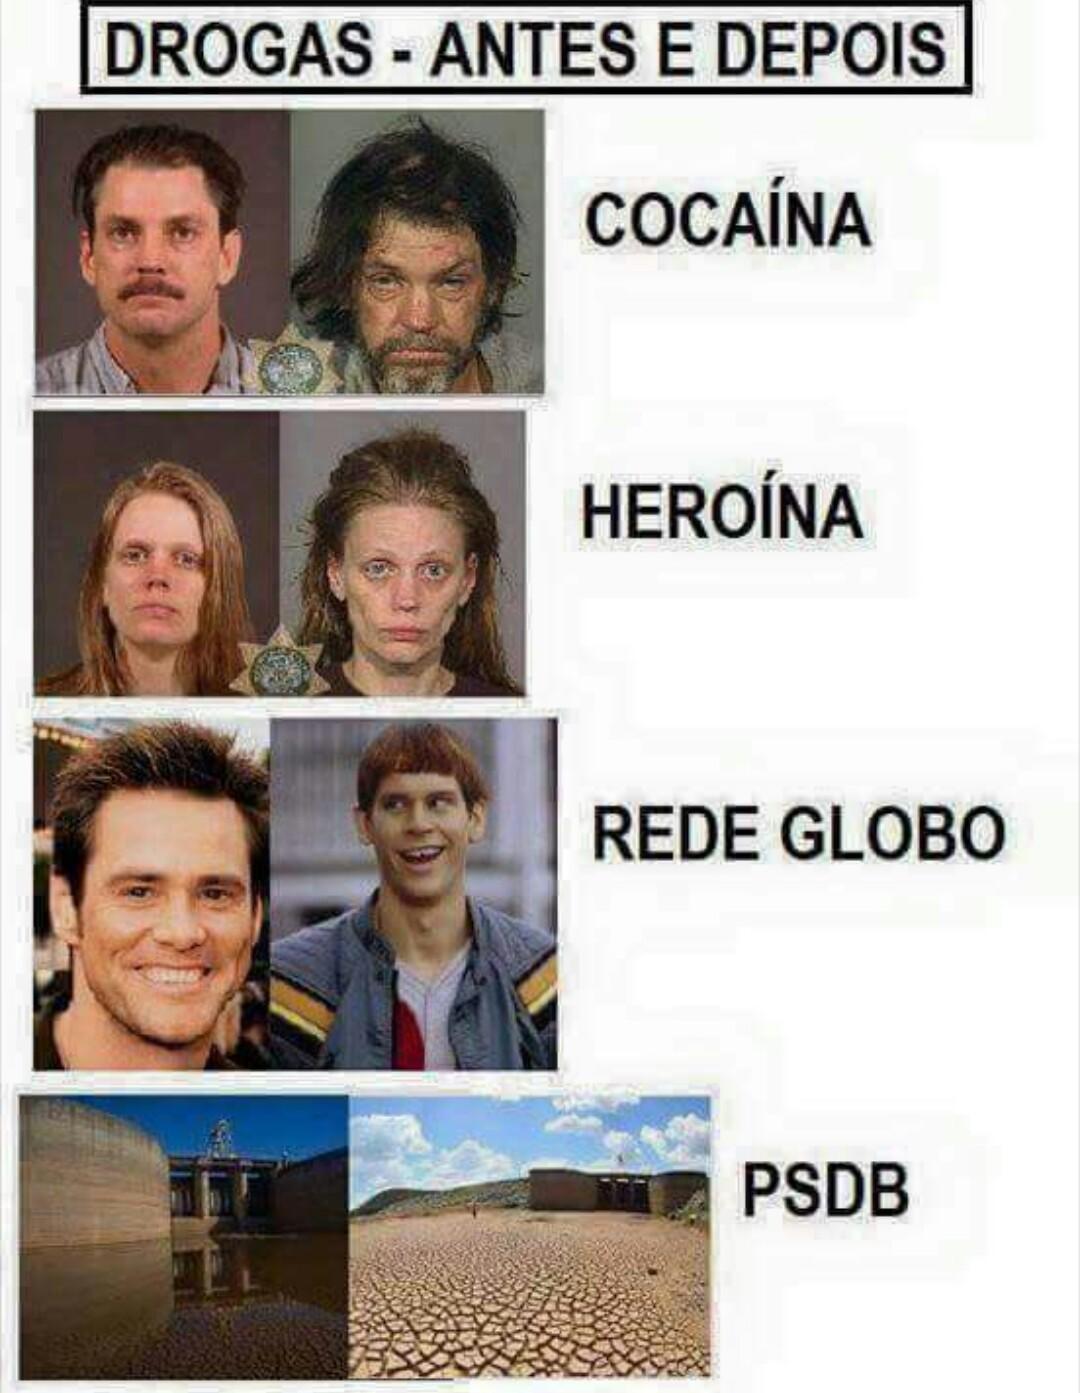 Não usem drogas - meme